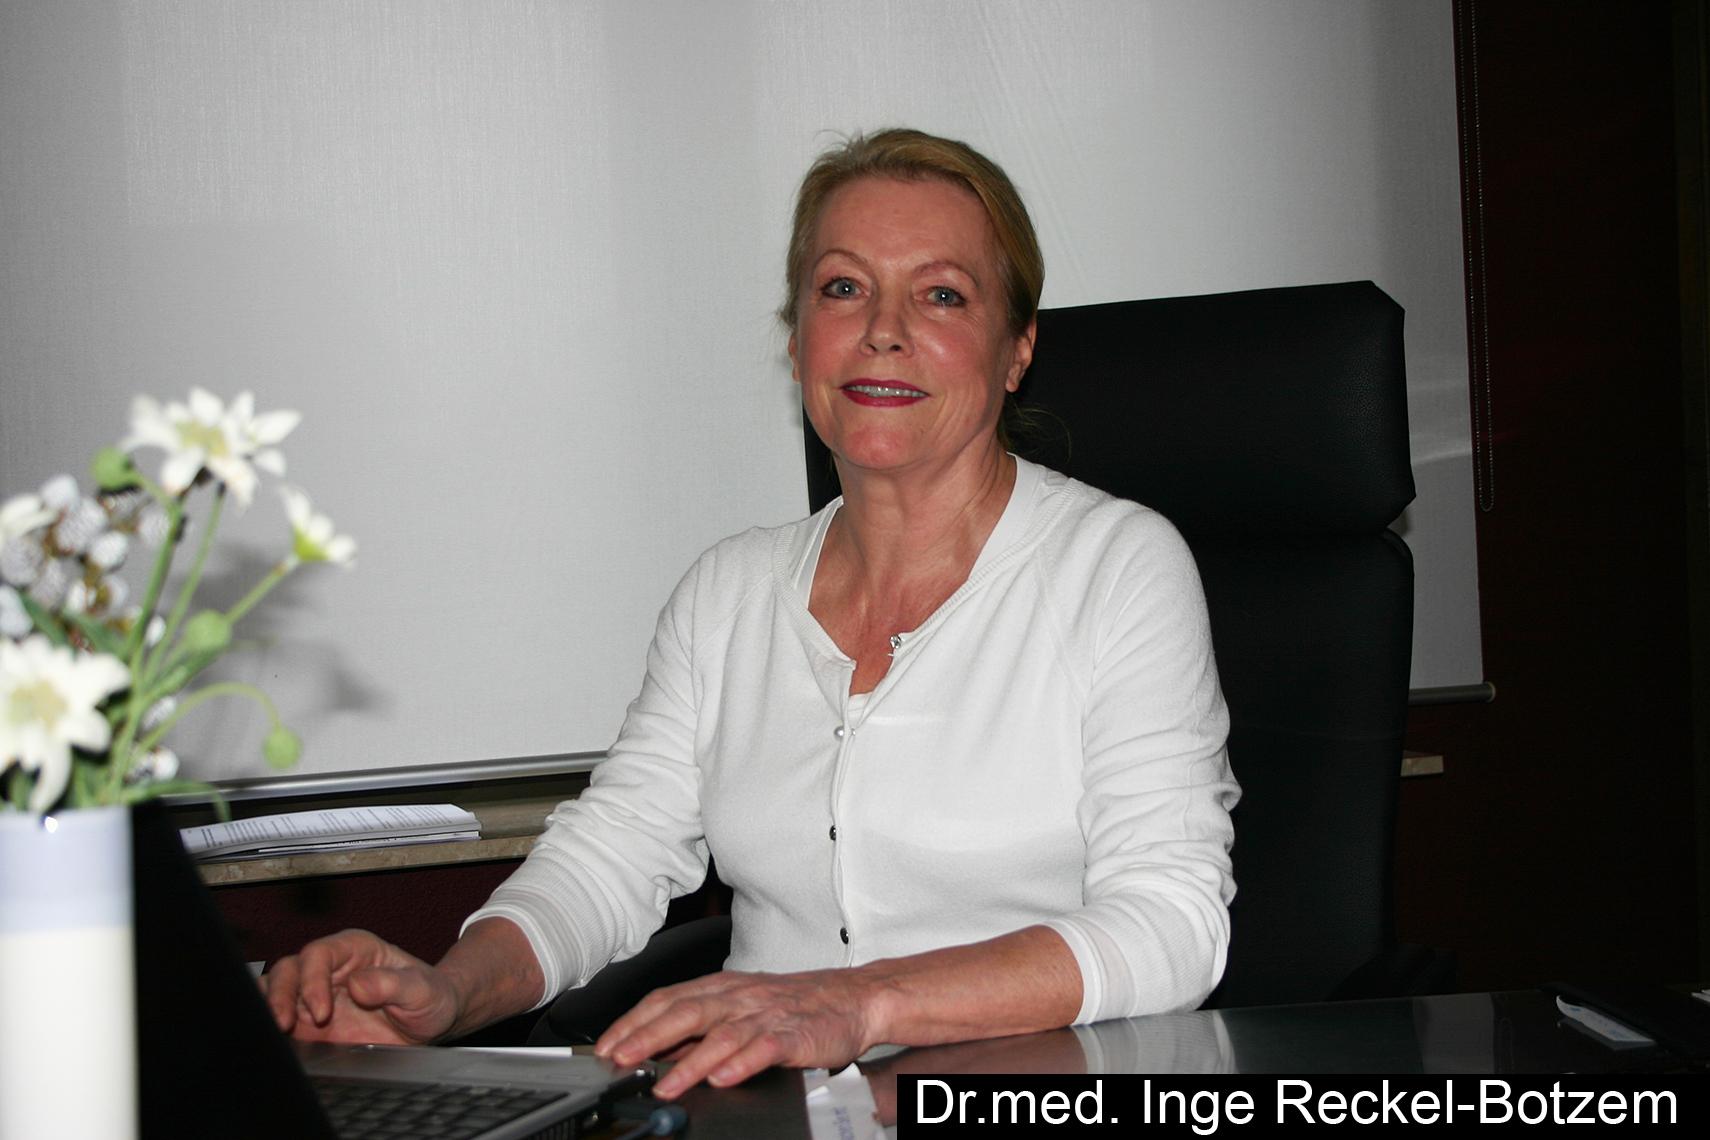 Dr.med.Inge Reckel-Botzem